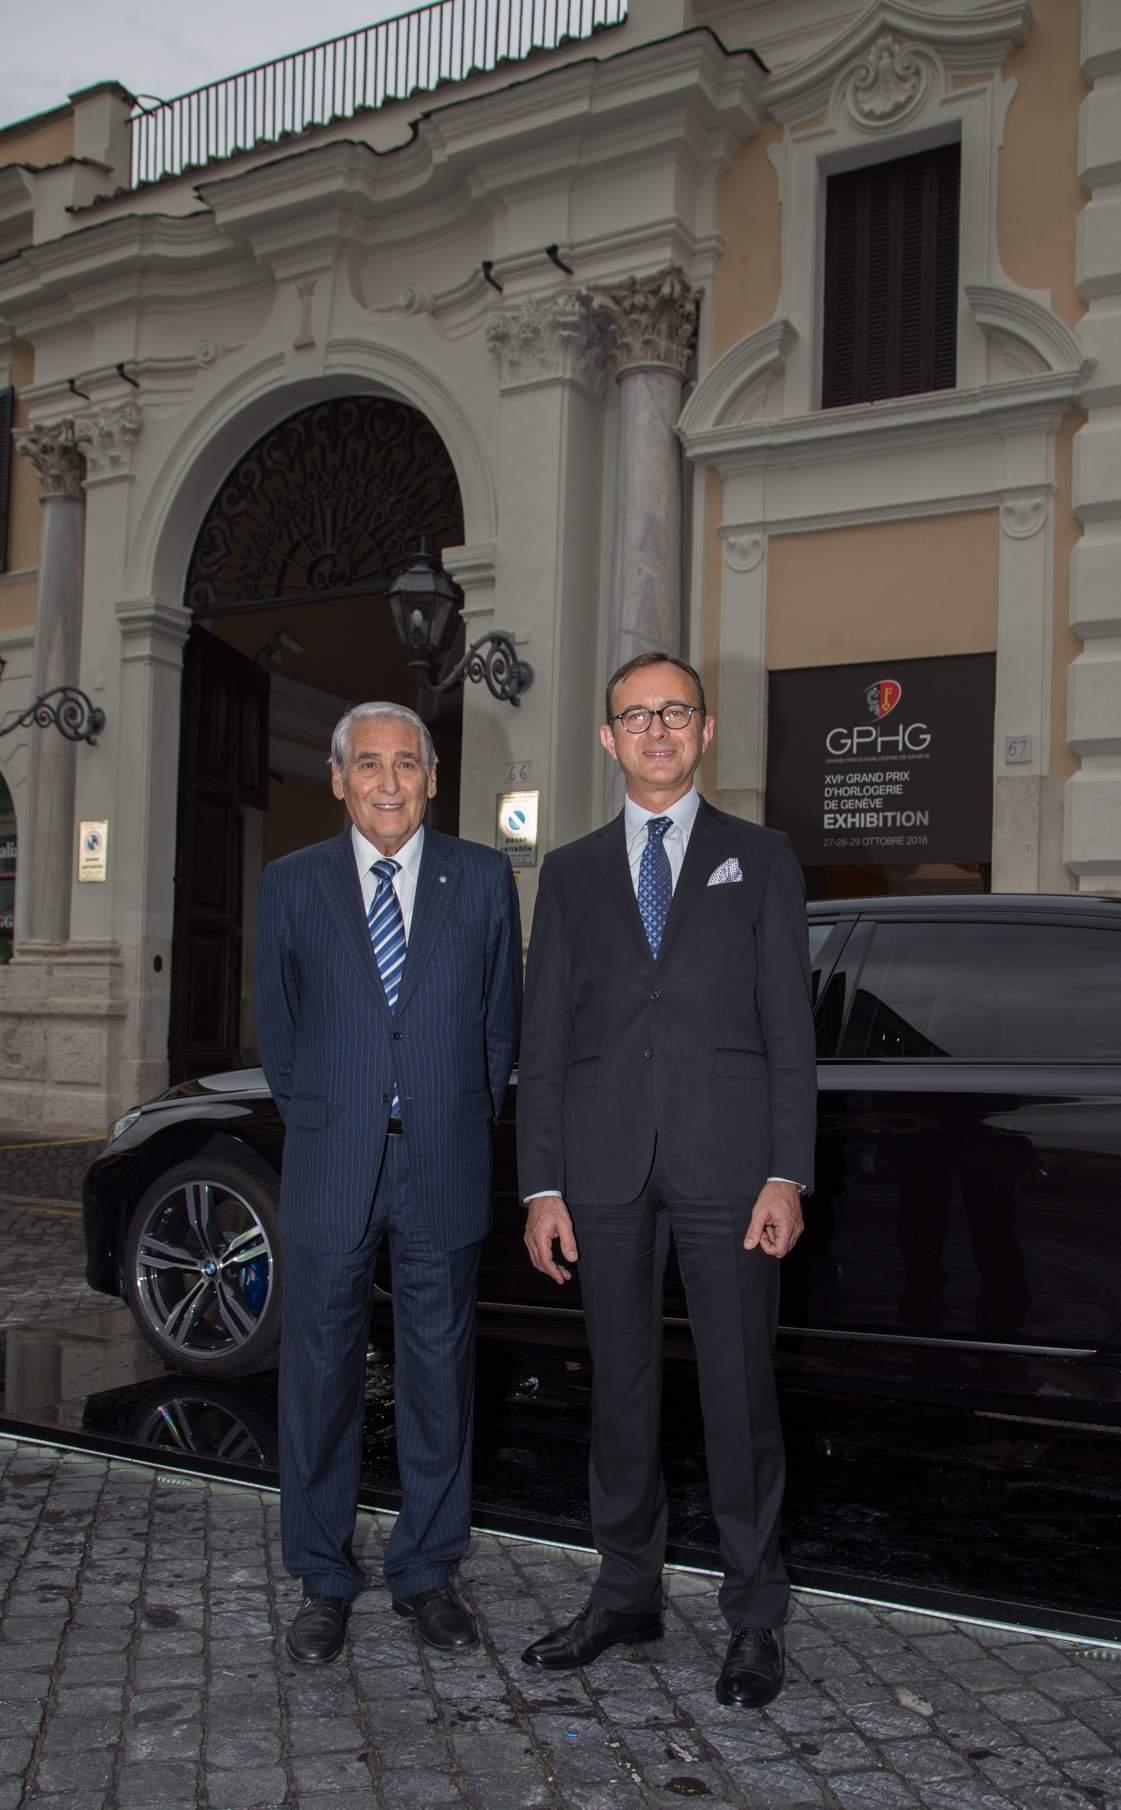 Carlo Lamprecht, Presidente della Fondation du GPHG e Sergio Solero, Presidente ed Amministratore delegato per BMW Italia